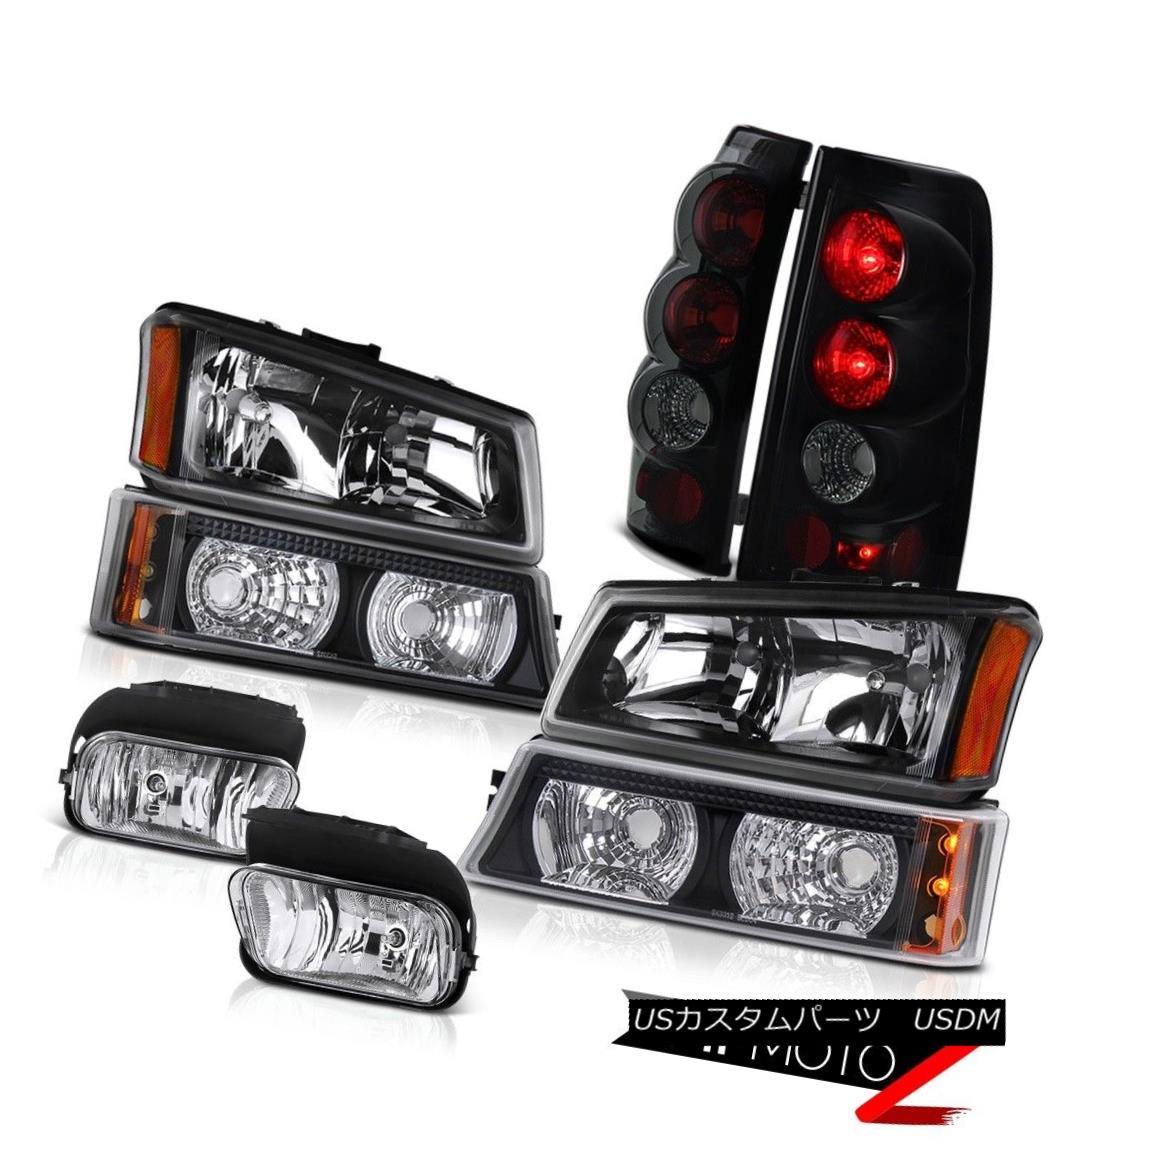 ヘッドライト 03 04 05 06 Silverado 5.3L V8 Black Headlight Parking Tail Front Driving Foglamp 03 04 05 06 Silverado 5.3L V8ブラックヘッドライトパーキングテールフロントドライビングフォグランプ